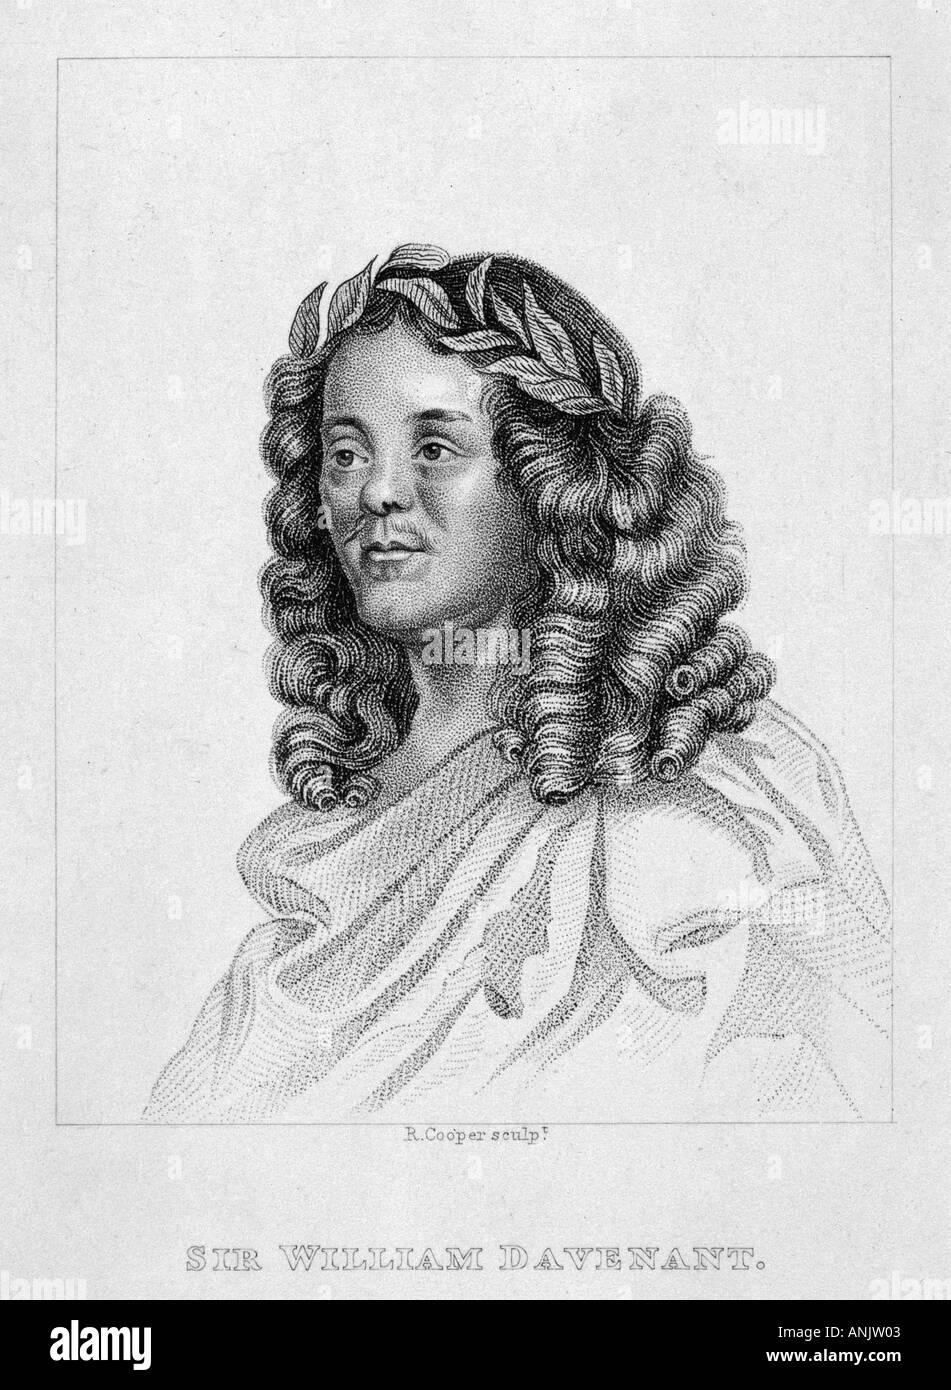 William Davenant student